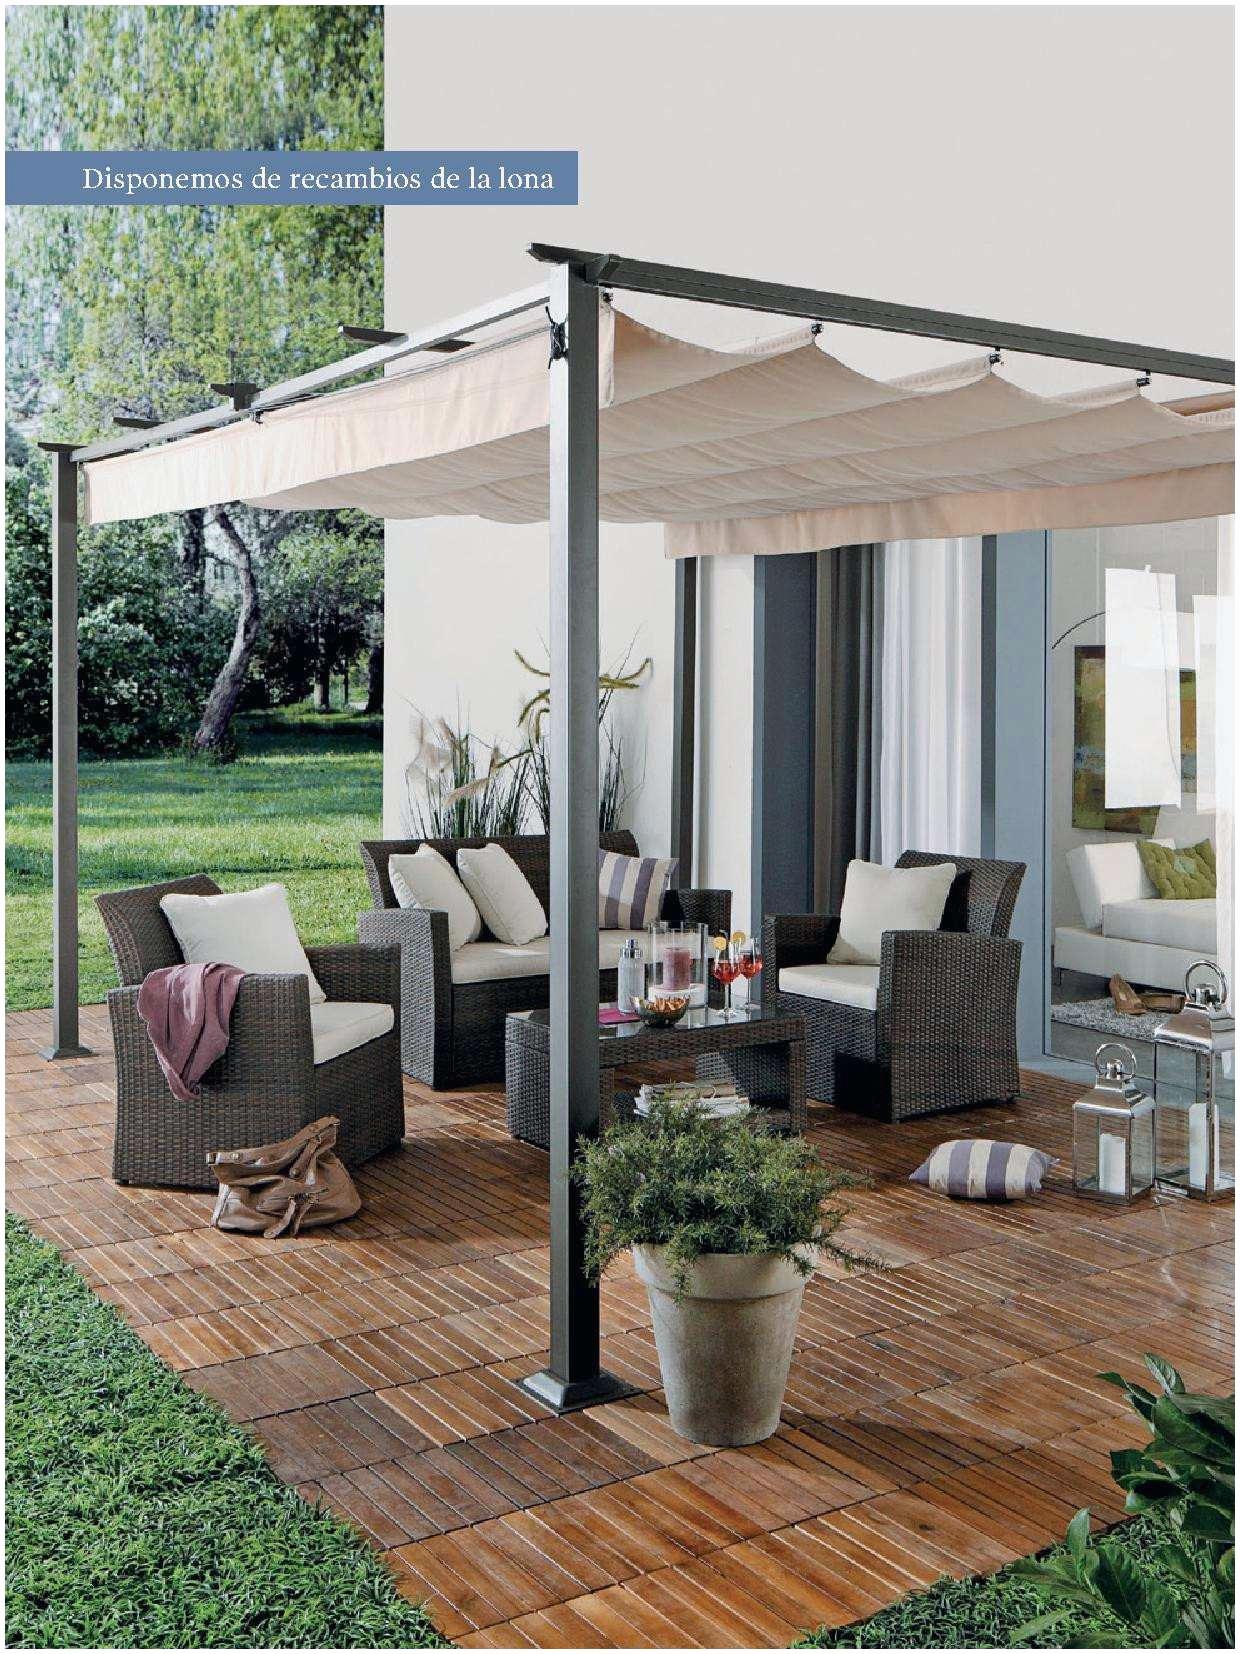 carport alu toit plat luxe impressionnant brico depot carport alu top abris de jardin metal of carport alu toit plat